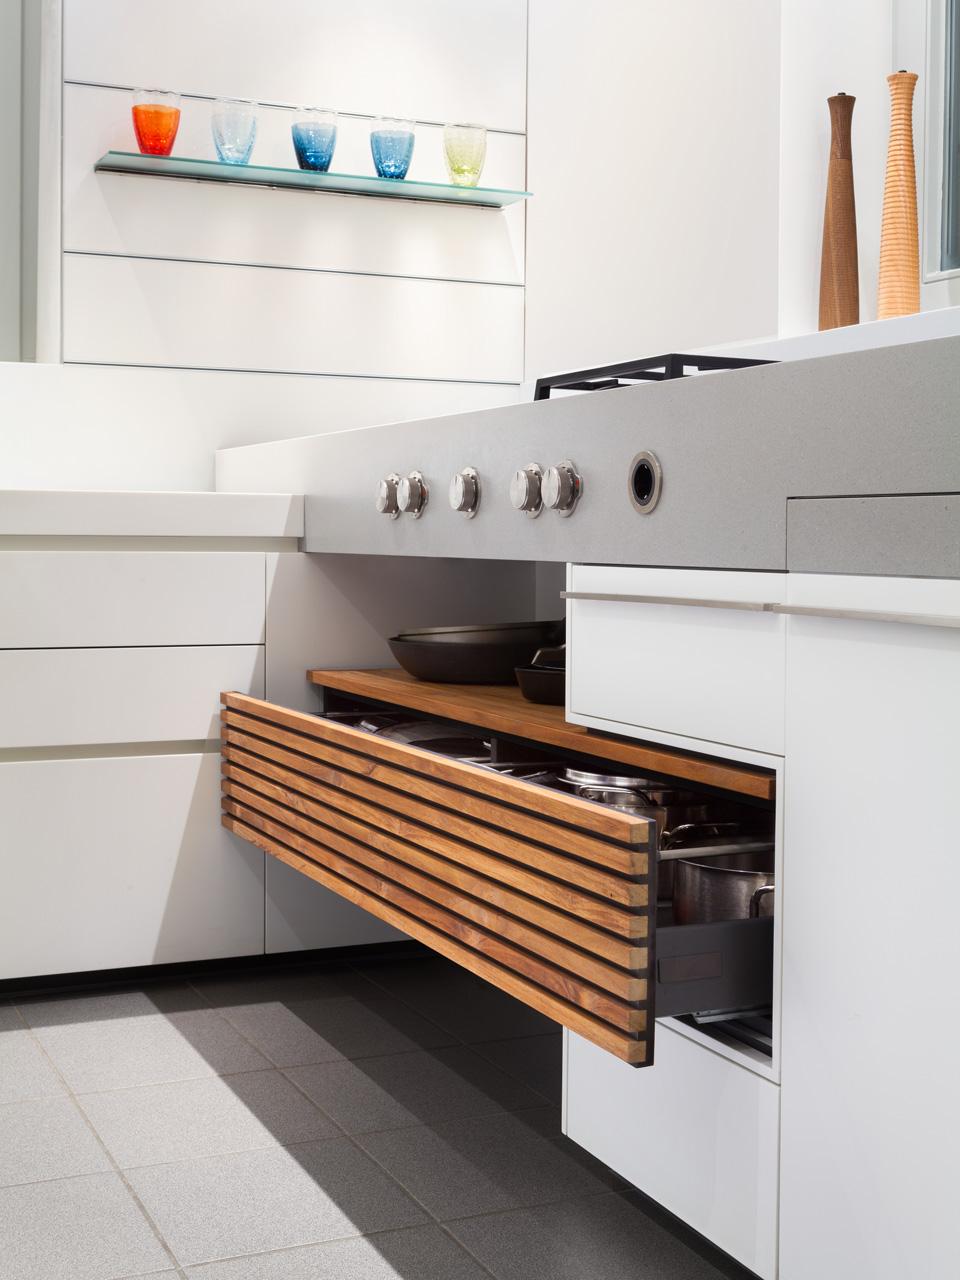 plan 3 küche / Residenz in Deutschland / Klassische Raumform, modern gelöst